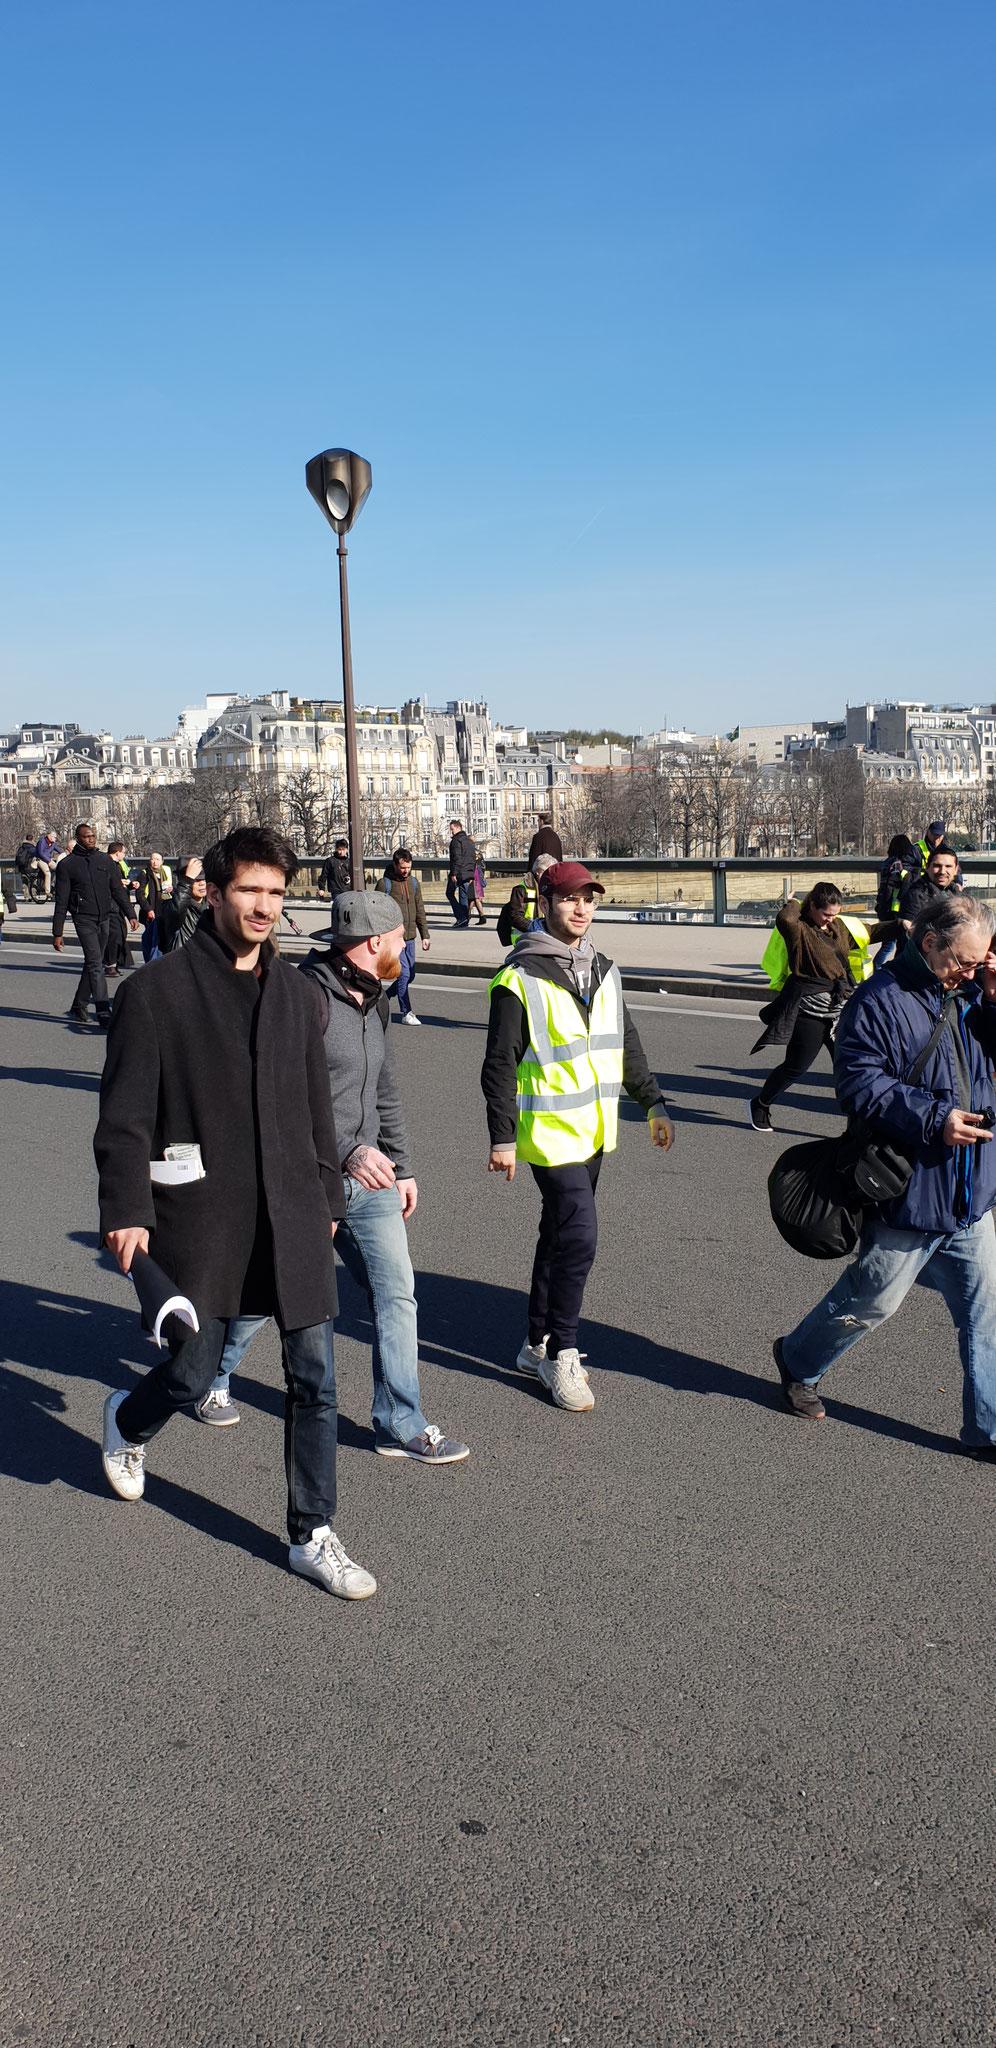 Acte 16 Le 16 Février 2019 je me rends à Paris pour y rencontrer des Journalistes www.jesuispatrick.com